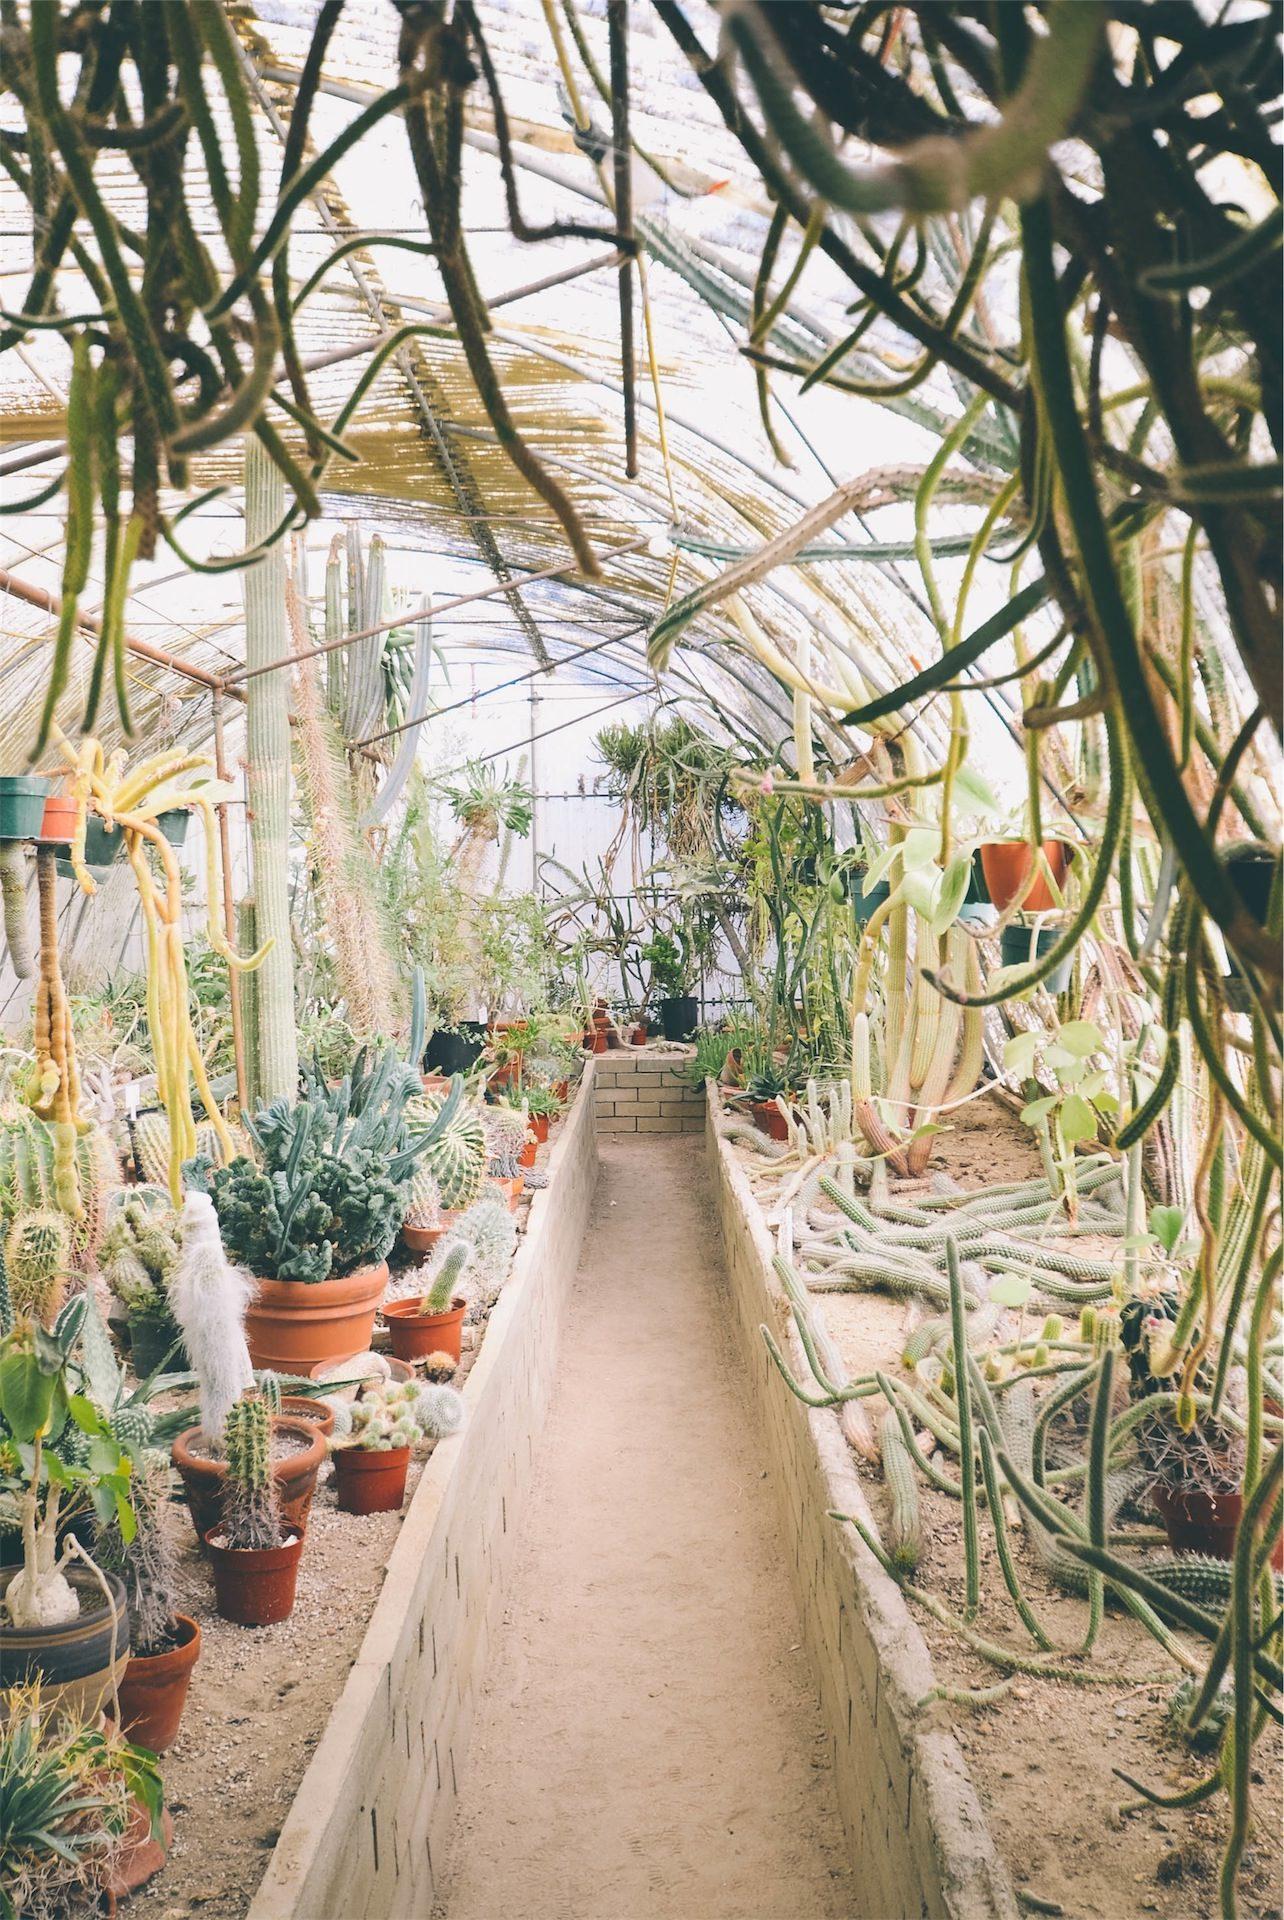 植物, 花, 温室効果, ポット, サボテン - HD の壁紙 - 教授-falken.com